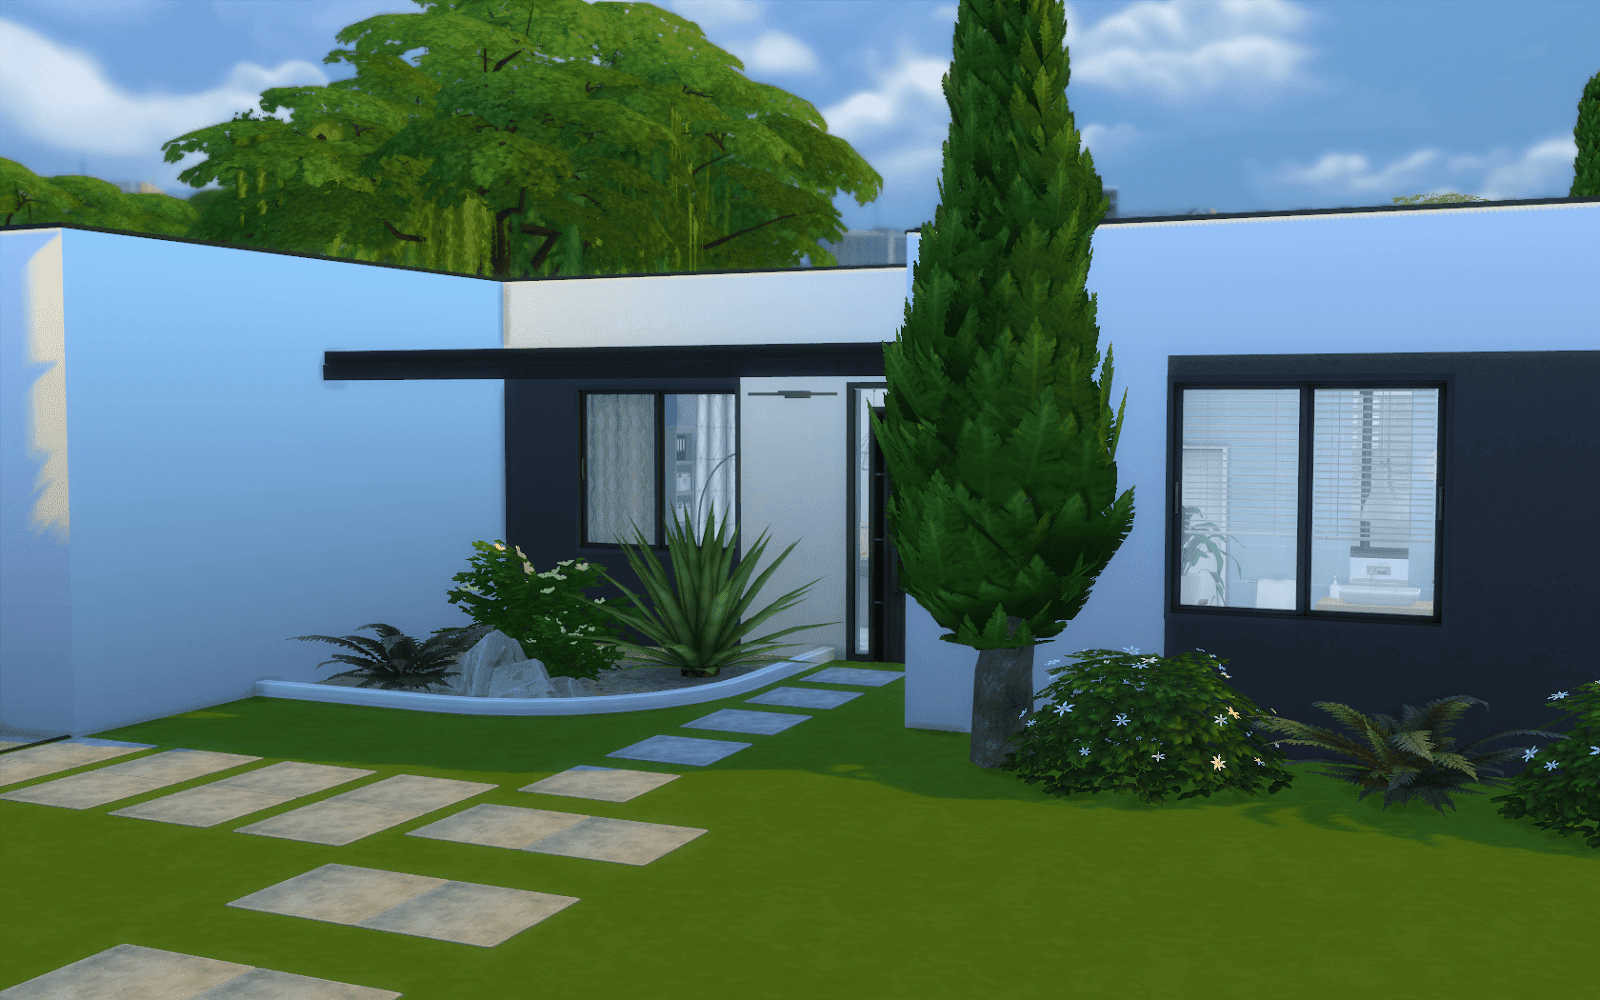 Le très attendu jeu Les Sims 4 vous permet de jouer avec la vie comme jamais auparavant. Créez et contrôlez de nouveaux Sims dotés d'un esprit d'un corps et d'un cœur.